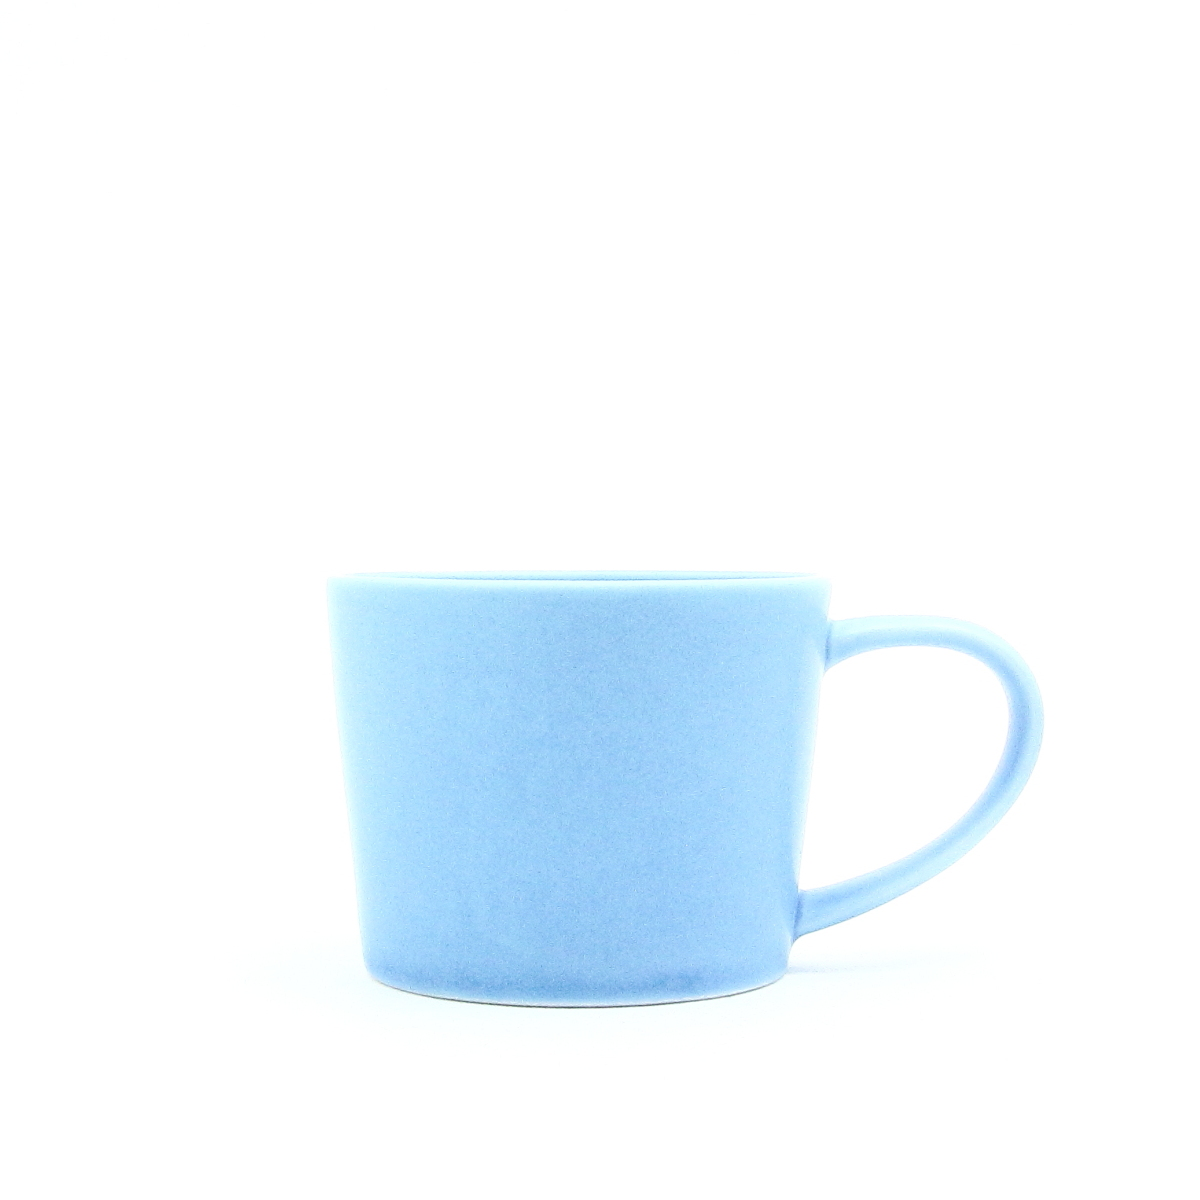 マグカップ SS スカイブルー 詳細画像1